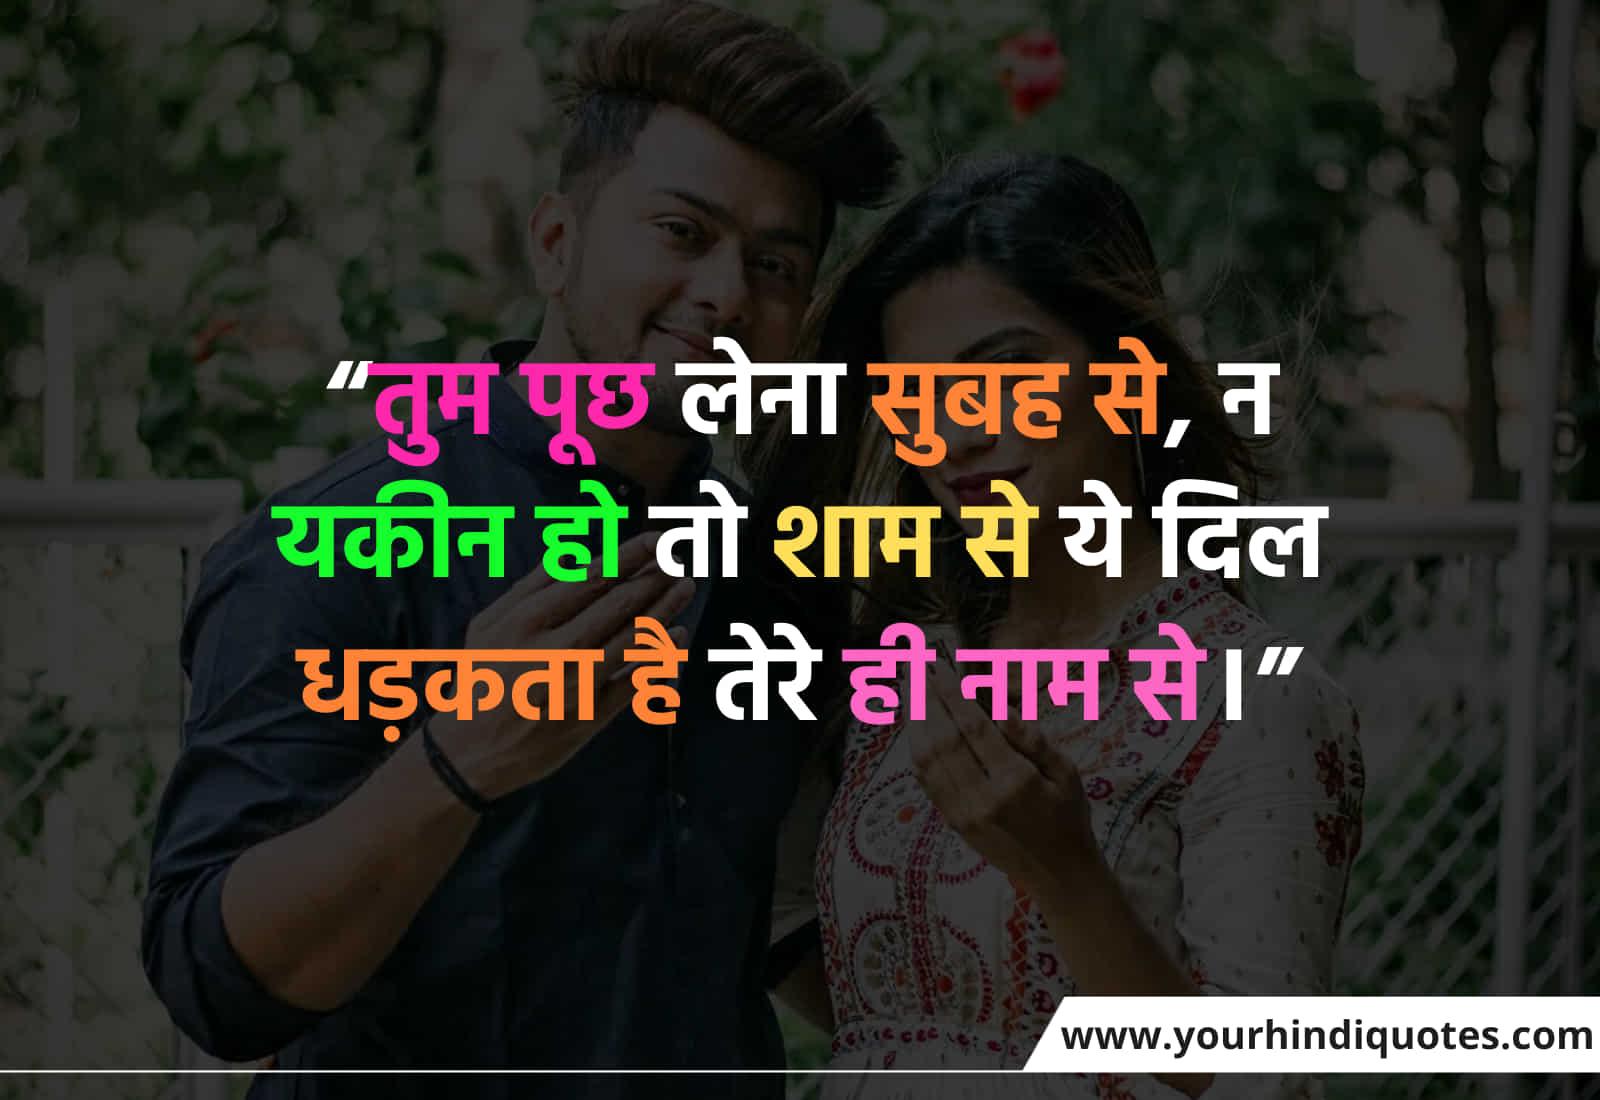 Hindi Pyar Mohabbat Shayari